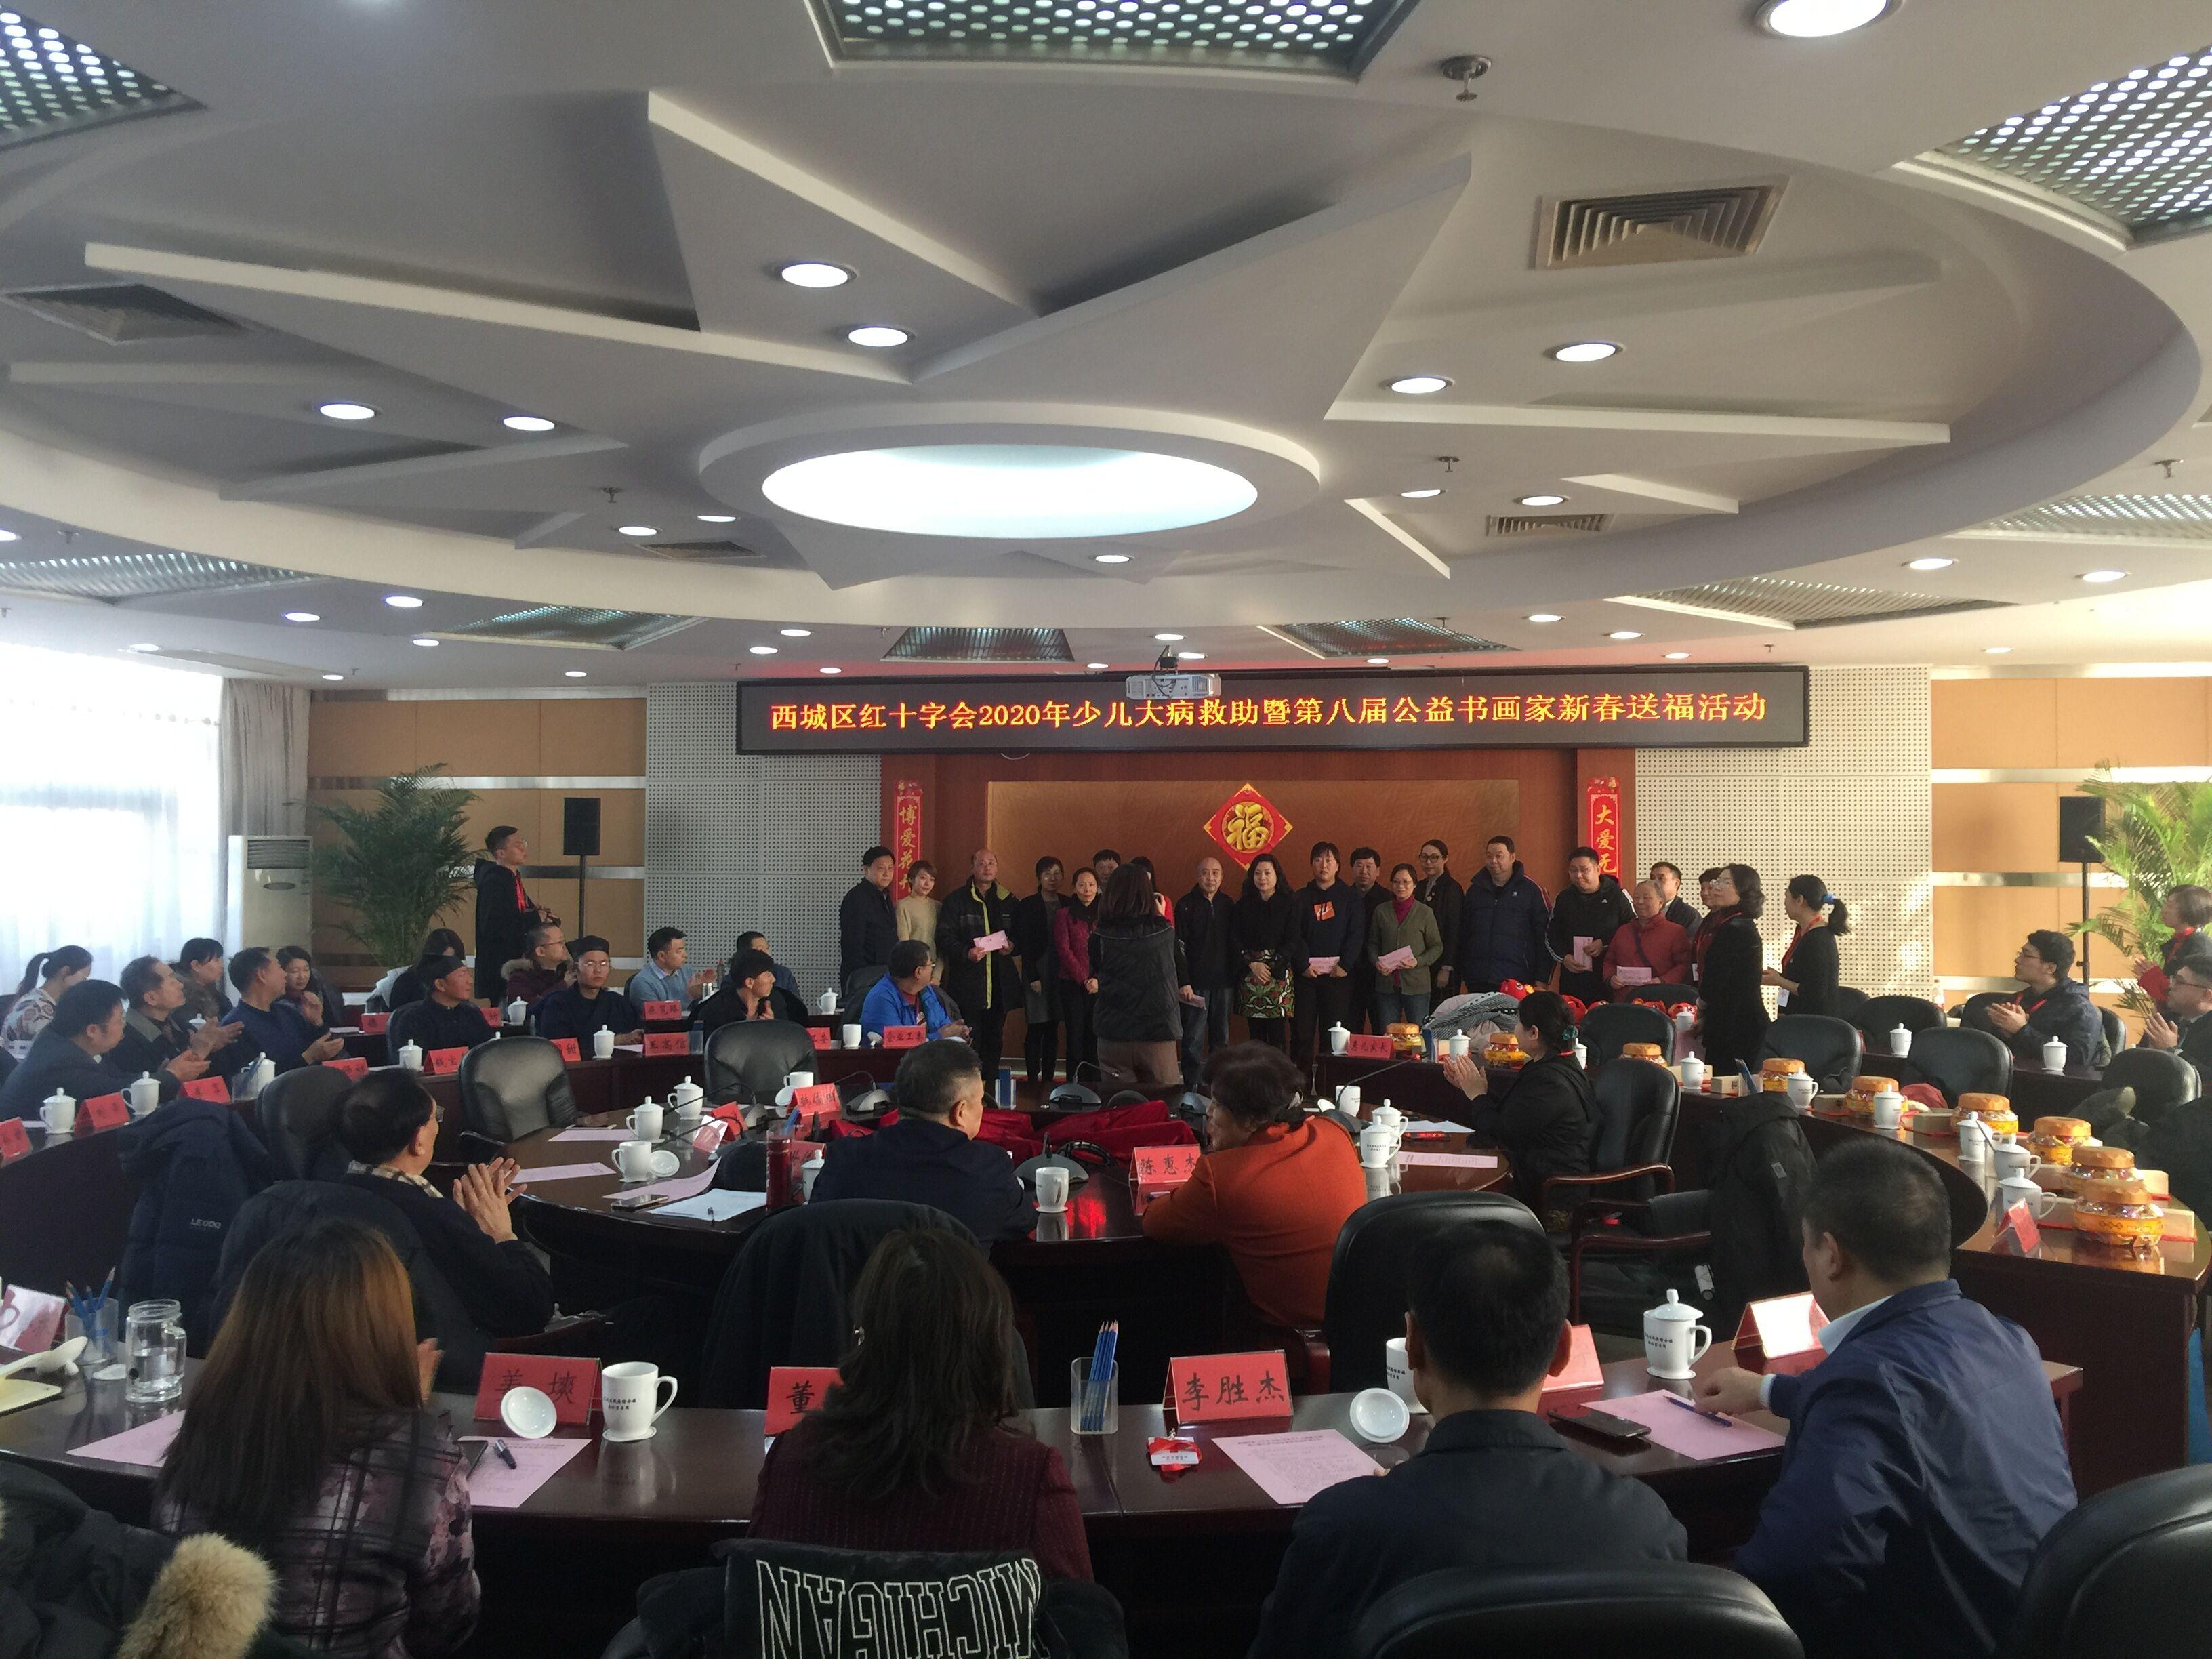 北京西城红会去年向辖区内12名大病患儿发放救助金26.6万元 10年来已发放428.2万元